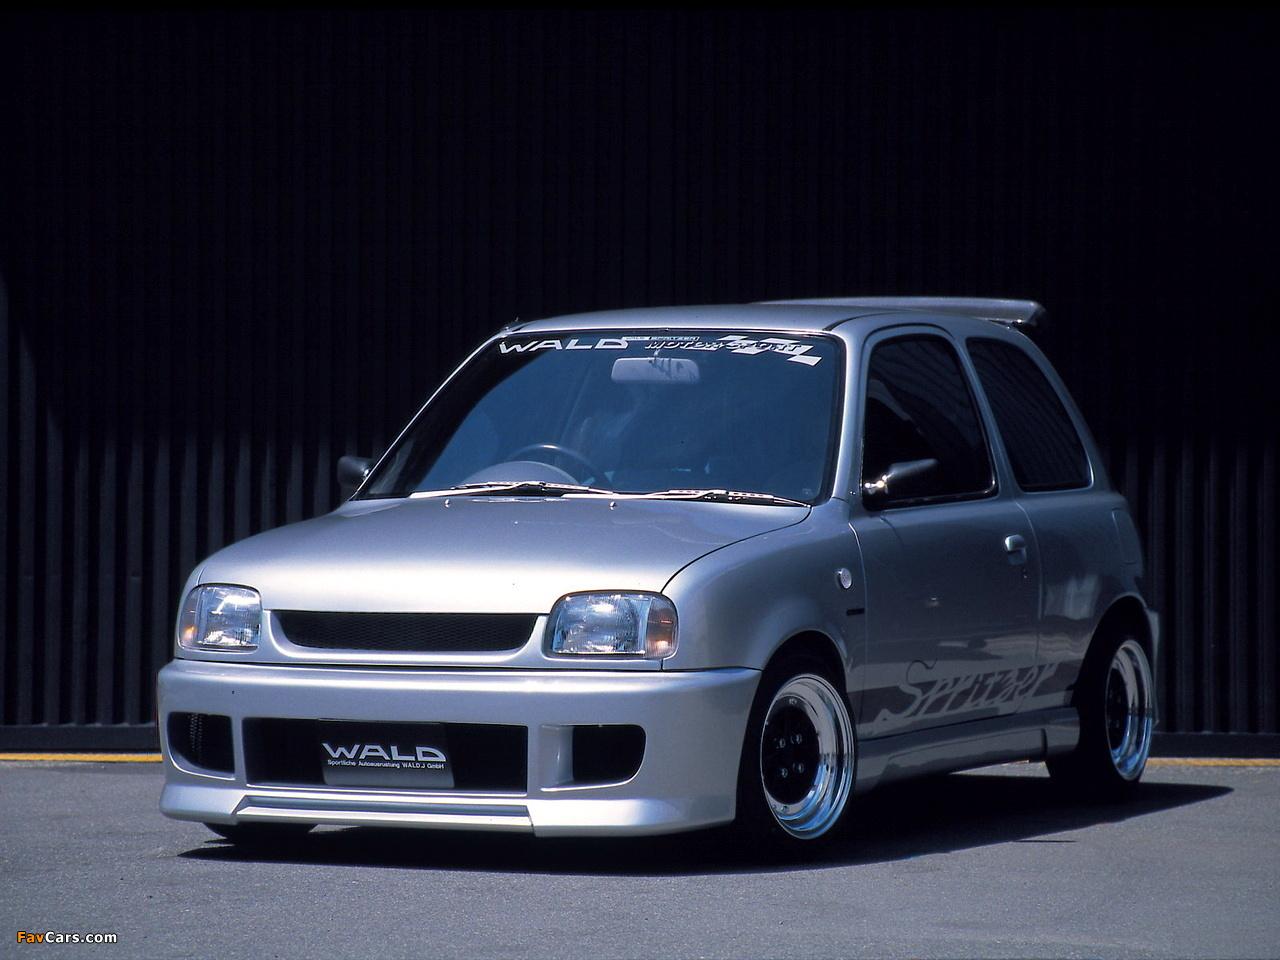 Nissan march spritzer 3 door k11 199297 wallpapers wald nissan march spritzer 3 door k11 199297 wallpapers vanachro Image collections